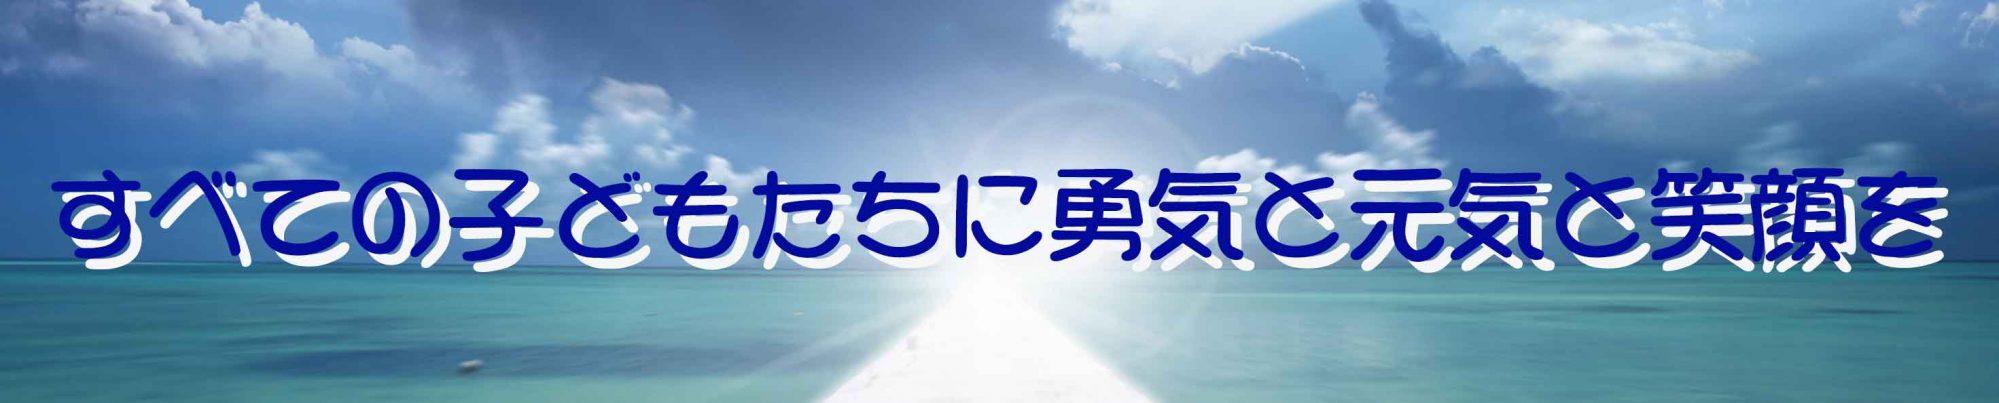 NPO法人元気プログラム作成委員会